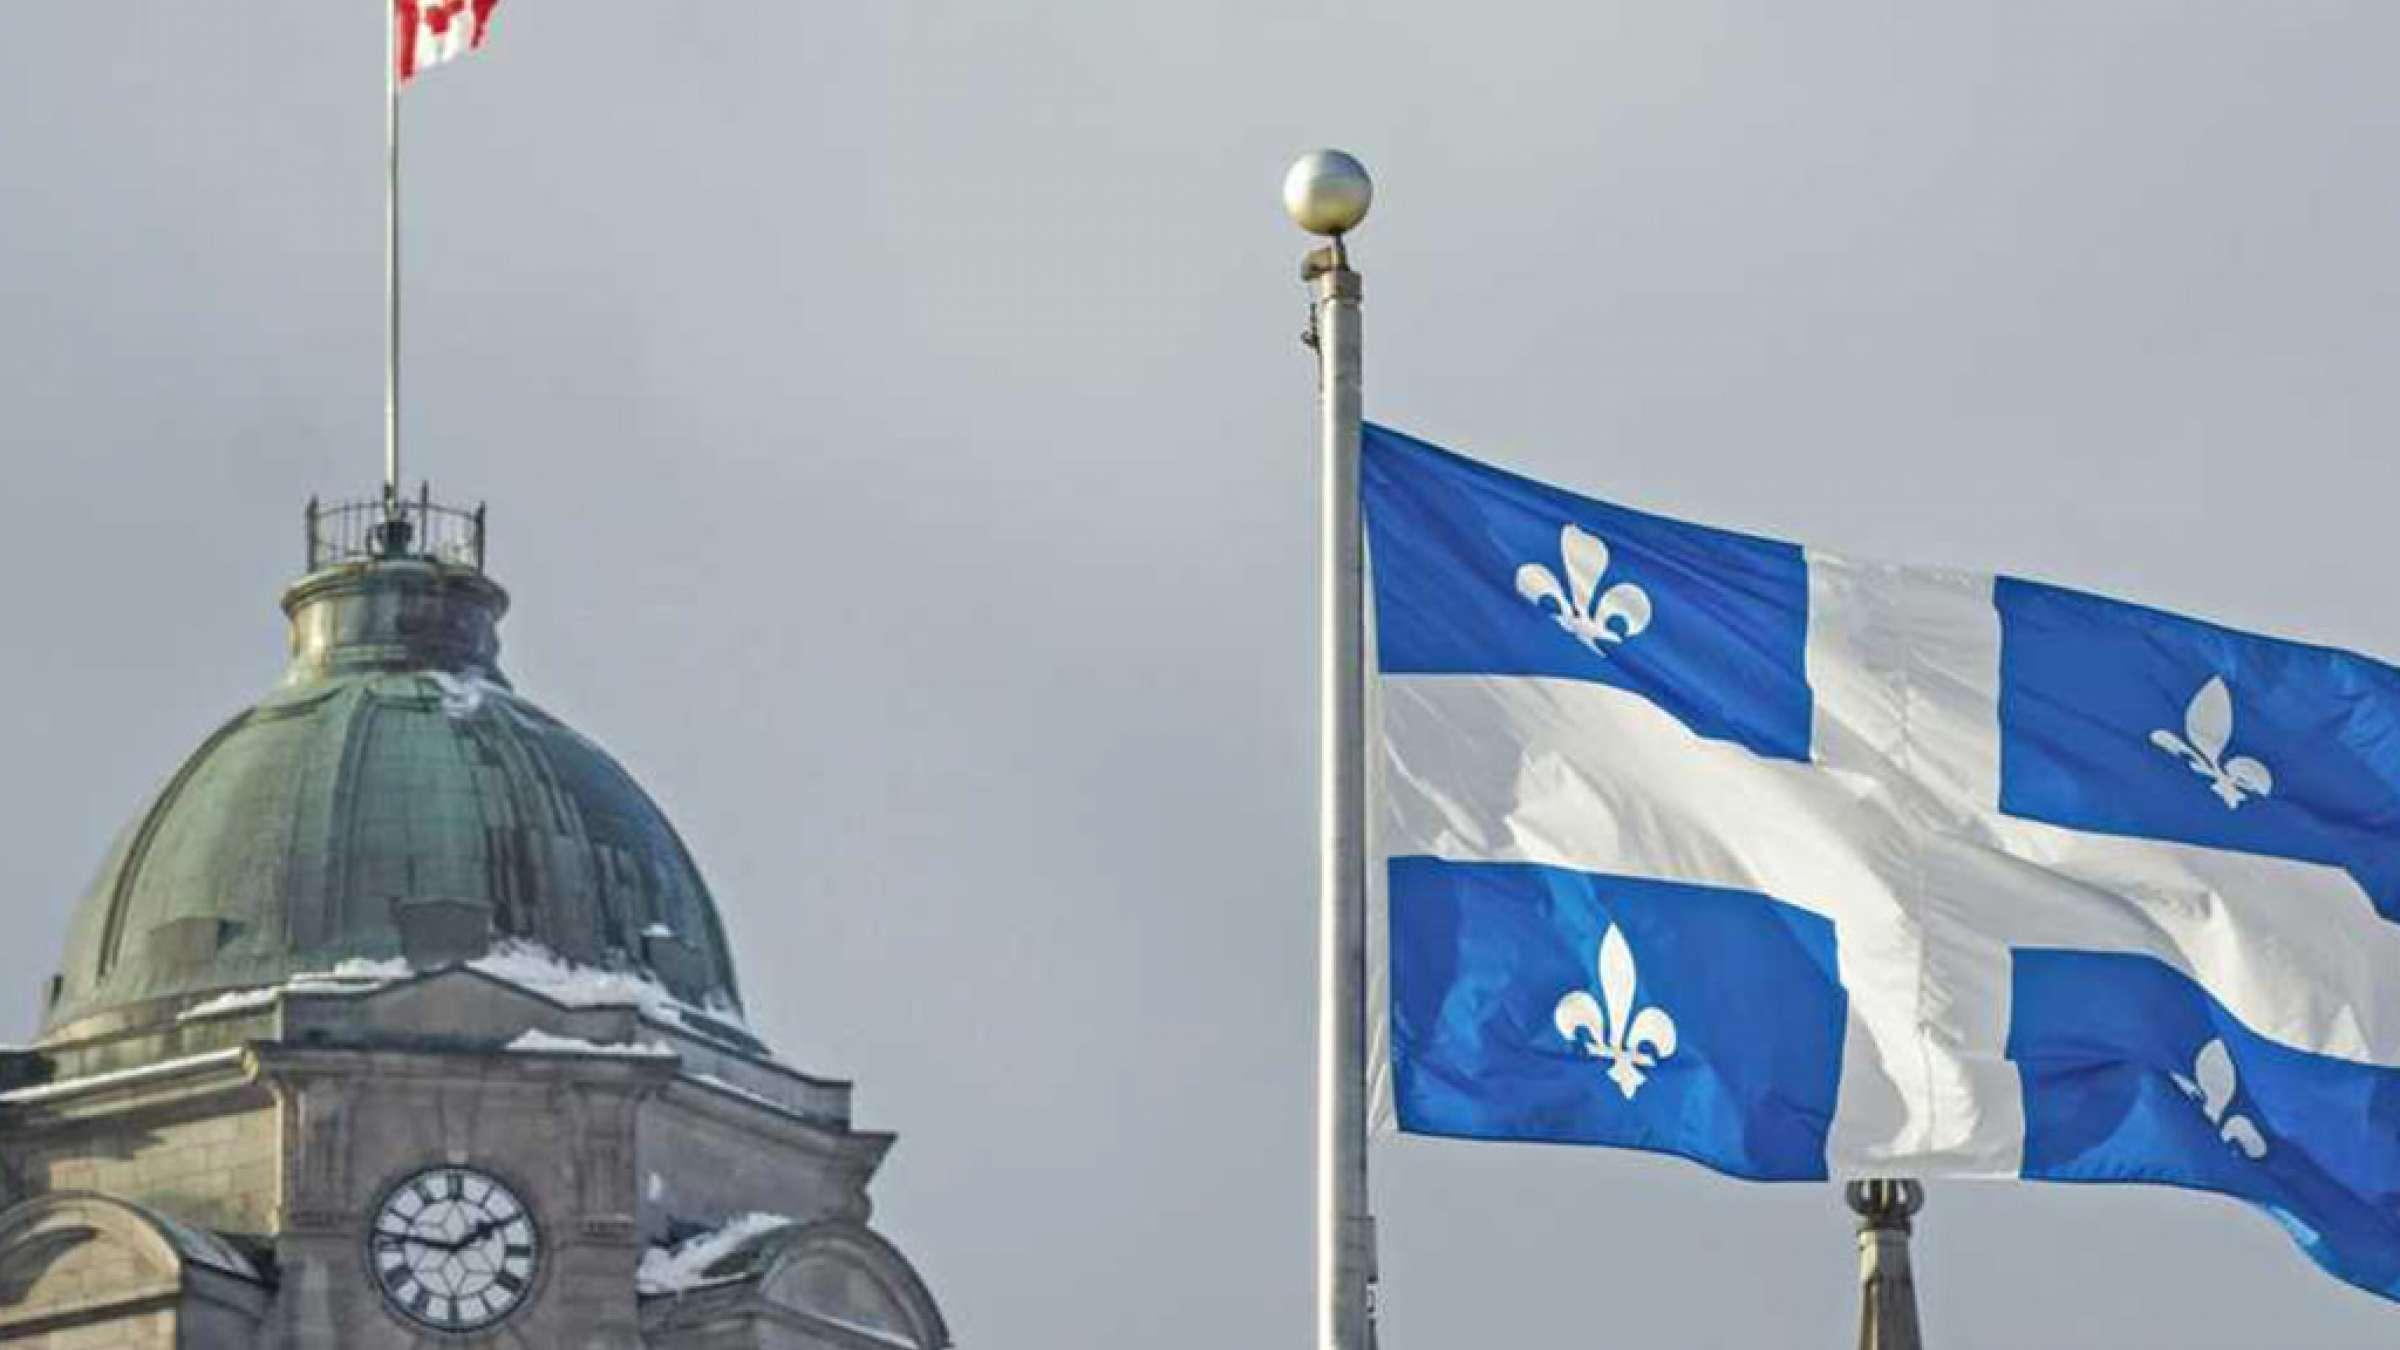 اخبار-کانادا-ویزای-کار-و-برخی-فارغالتحصیلان-کبکی-ملغی-میشود